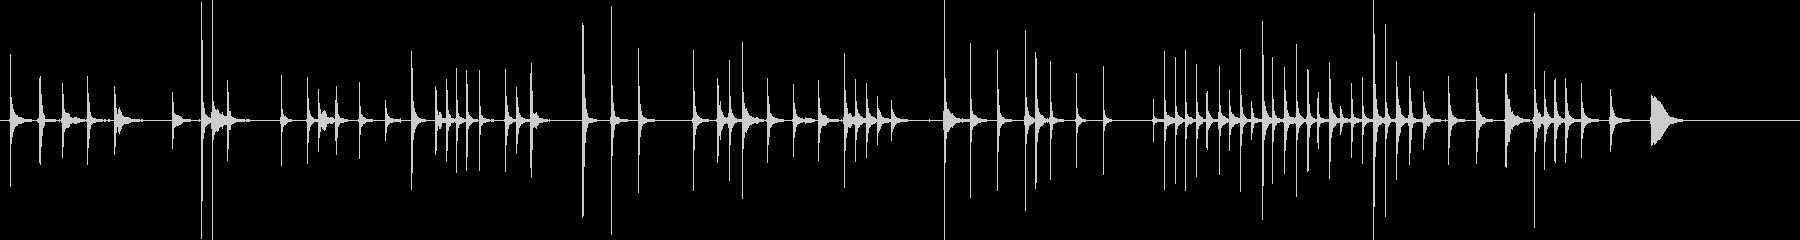 会話の後ろでBGMとして流れる様な三味線の未再生の波形